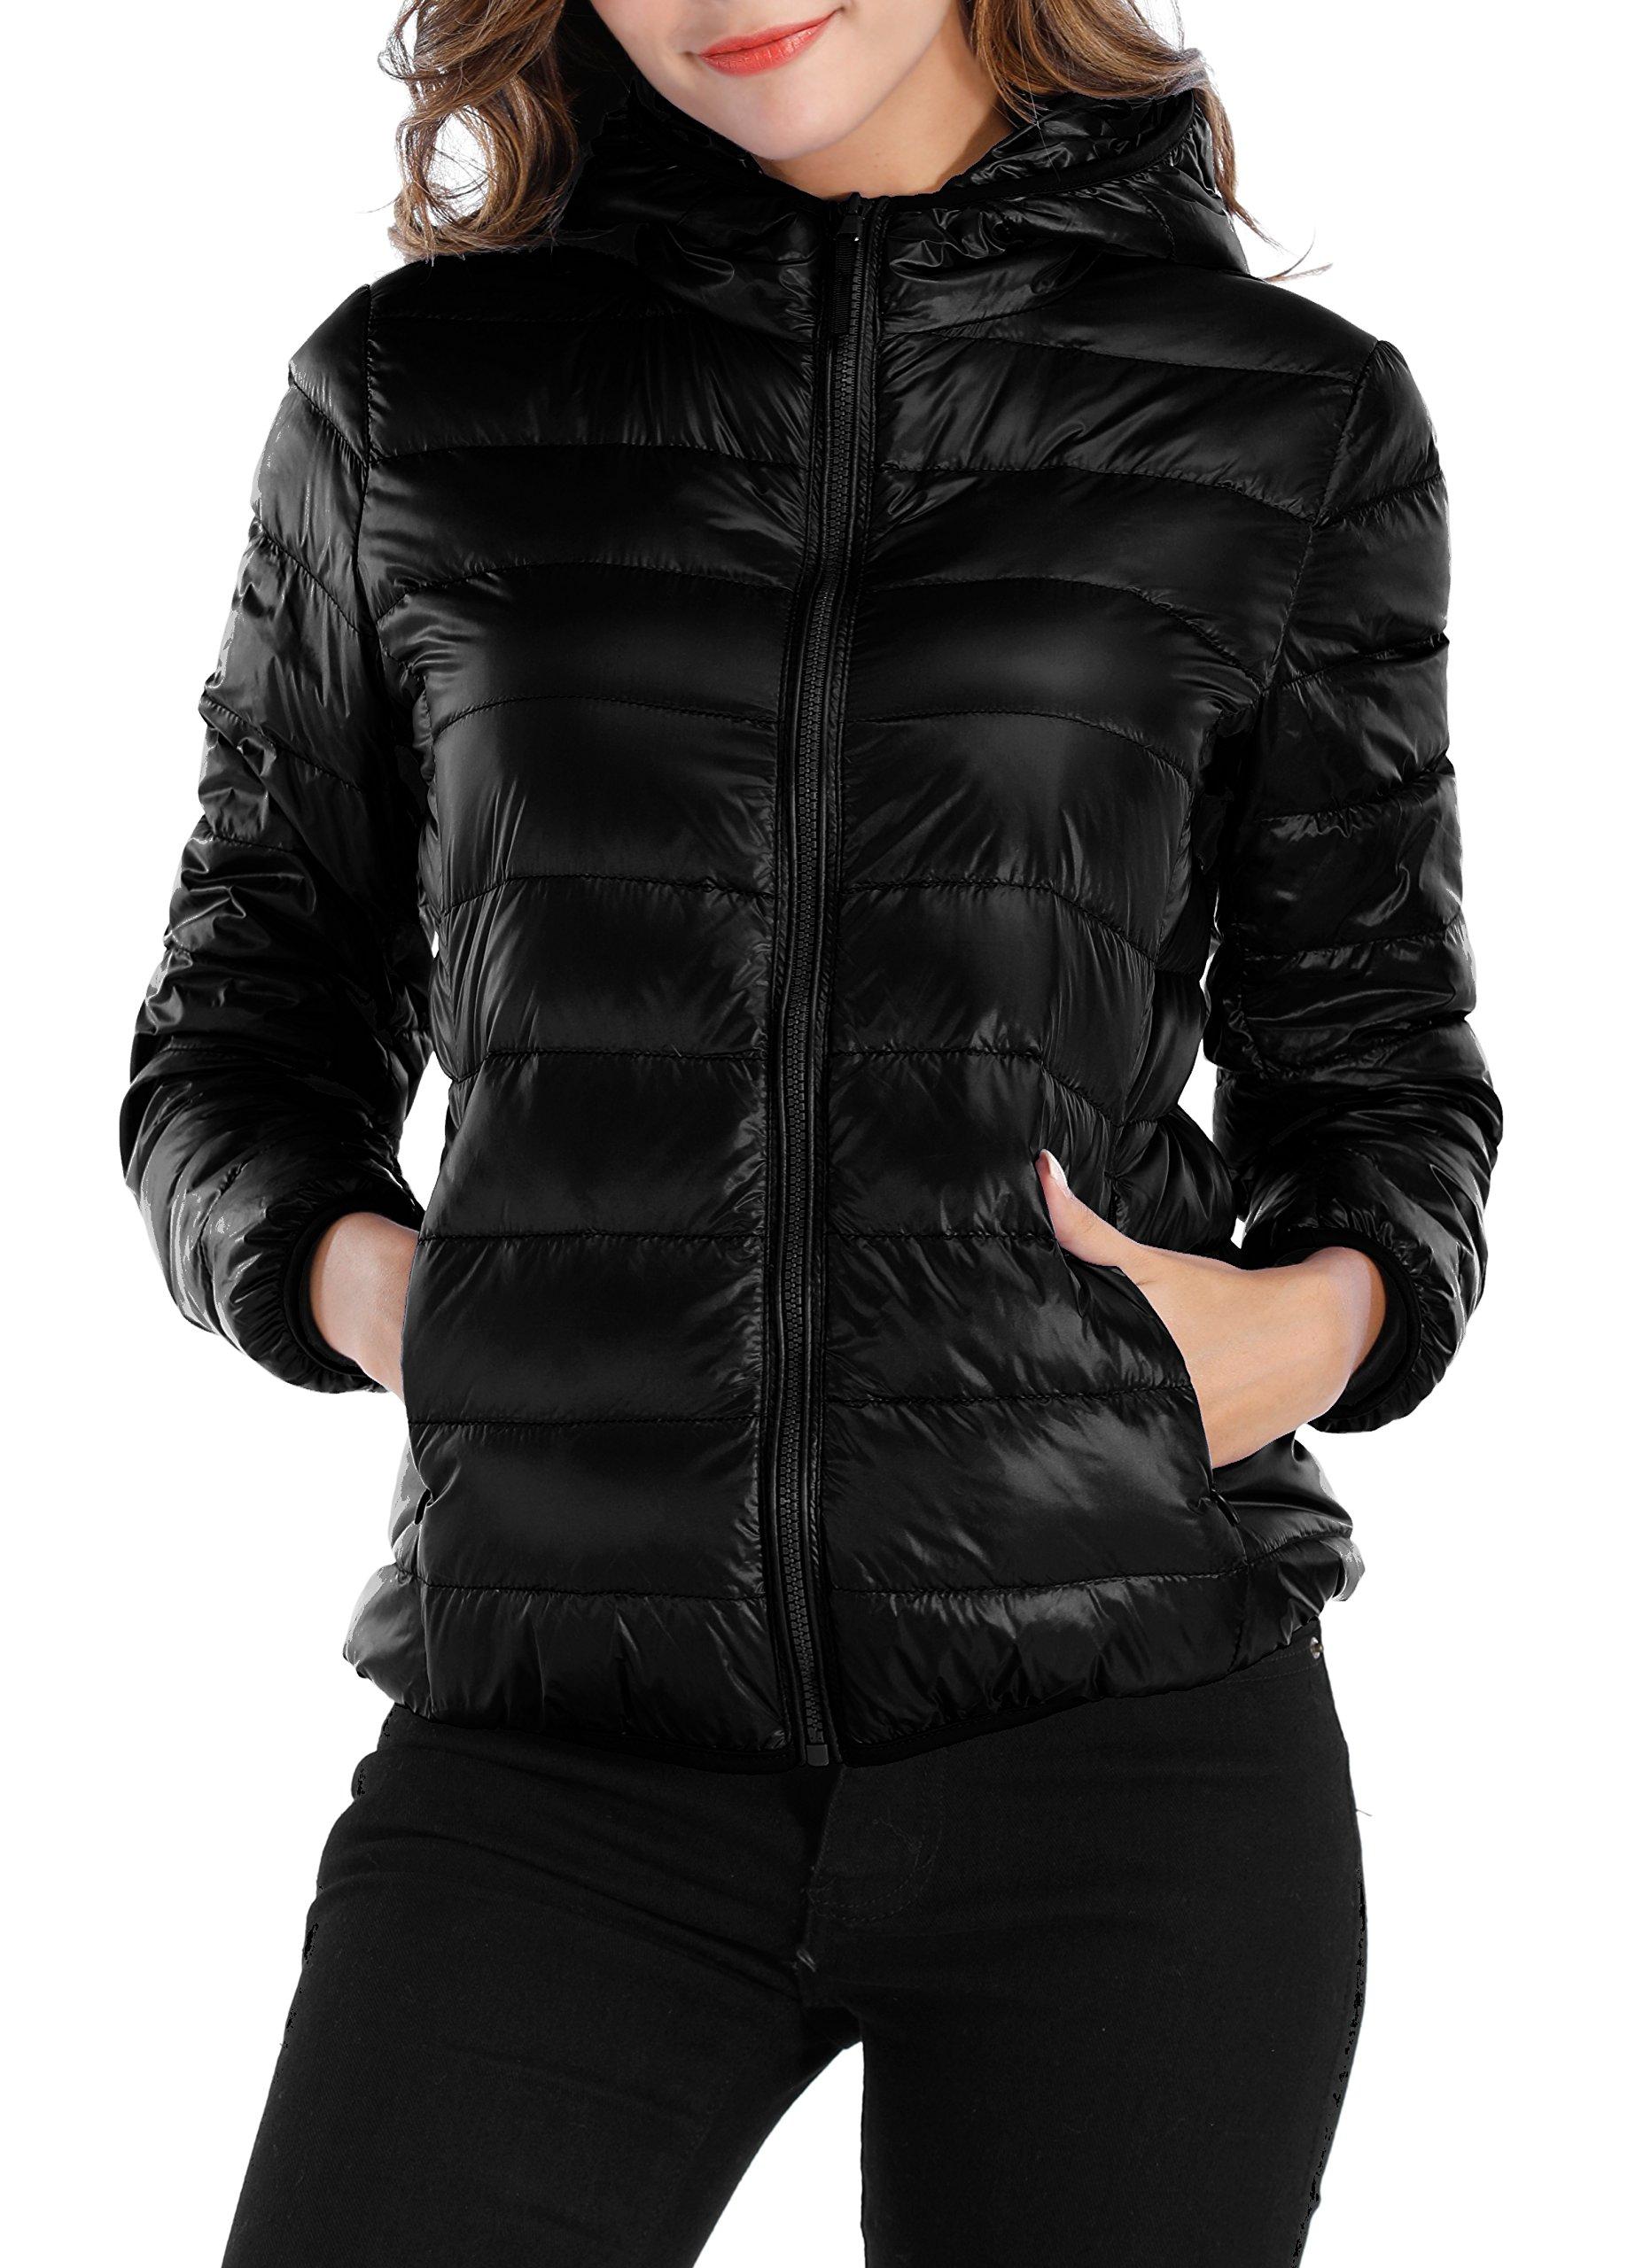 Sarin Mathews Womens Packable Ultra Lightweight Down Jacket Outwear Puffer Coats Black S